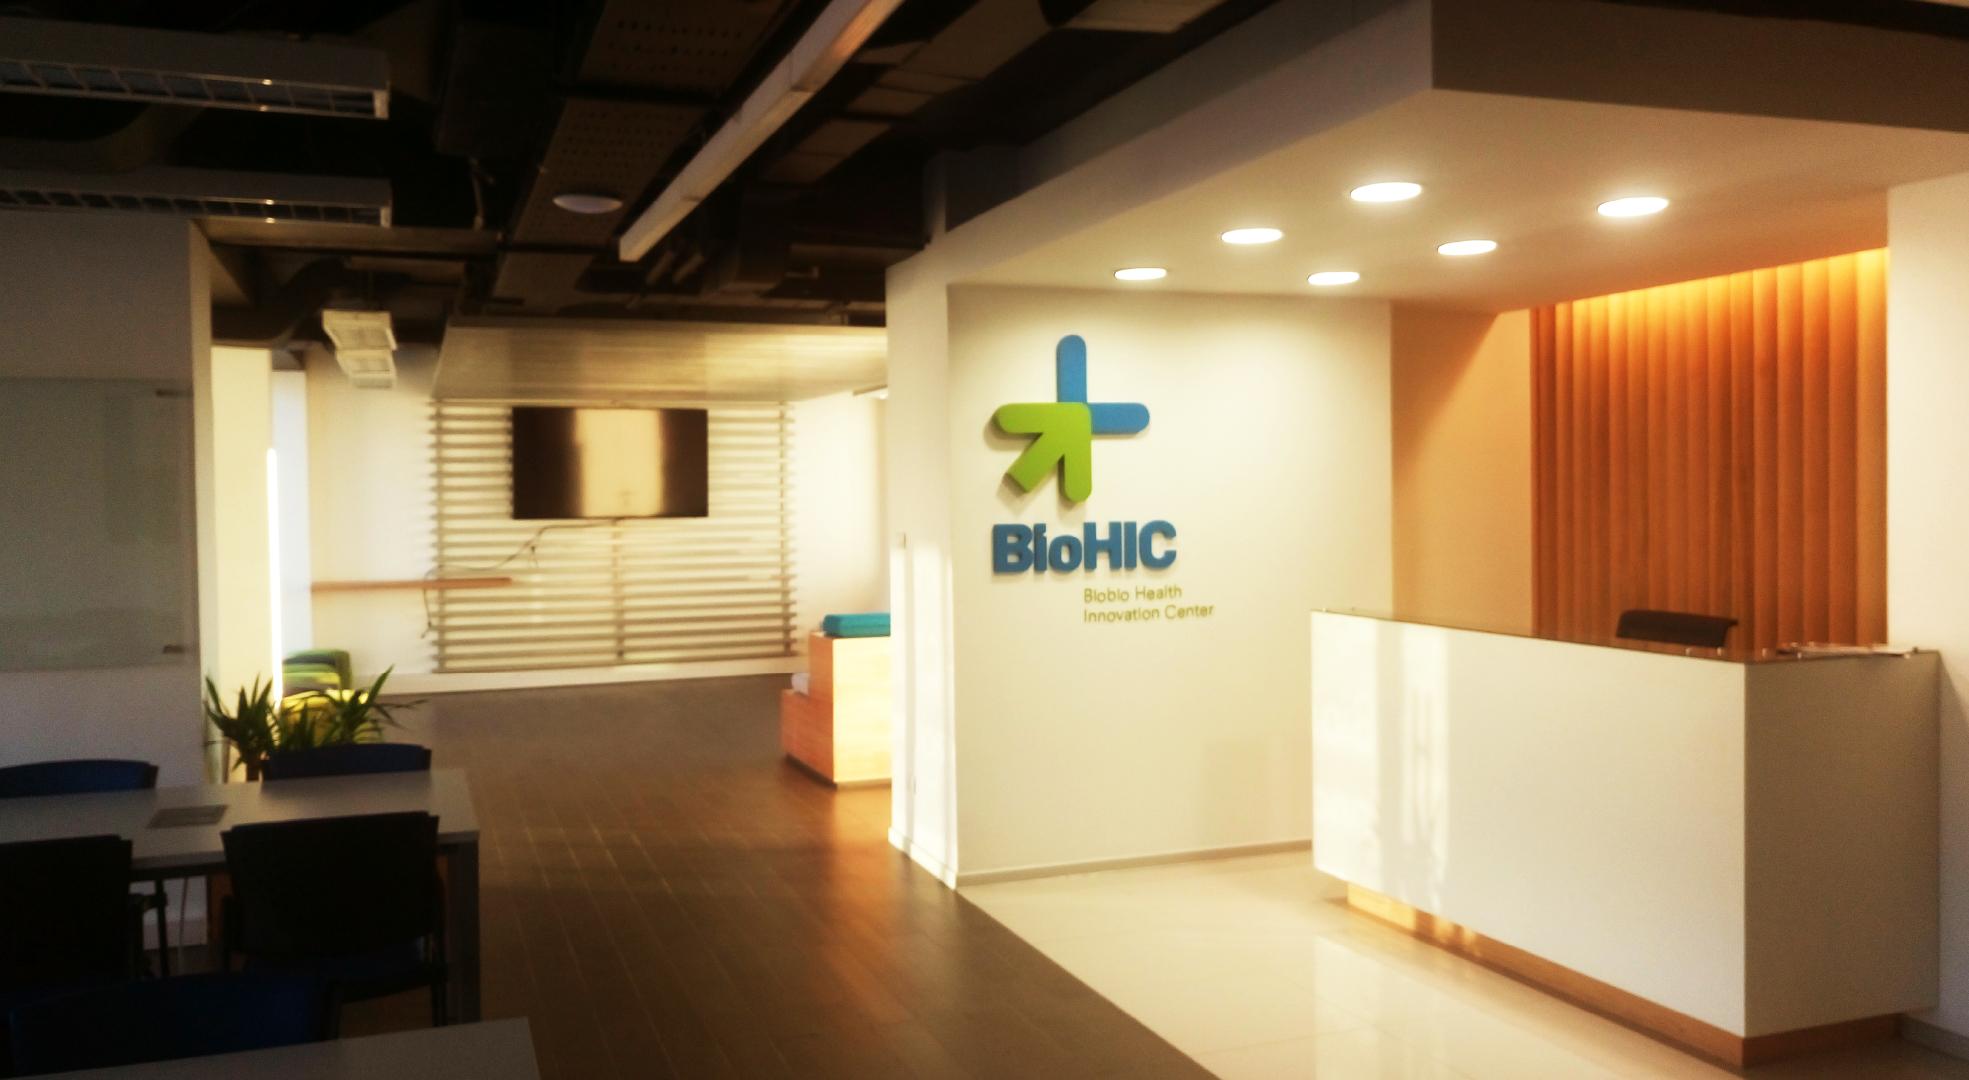 Biohic